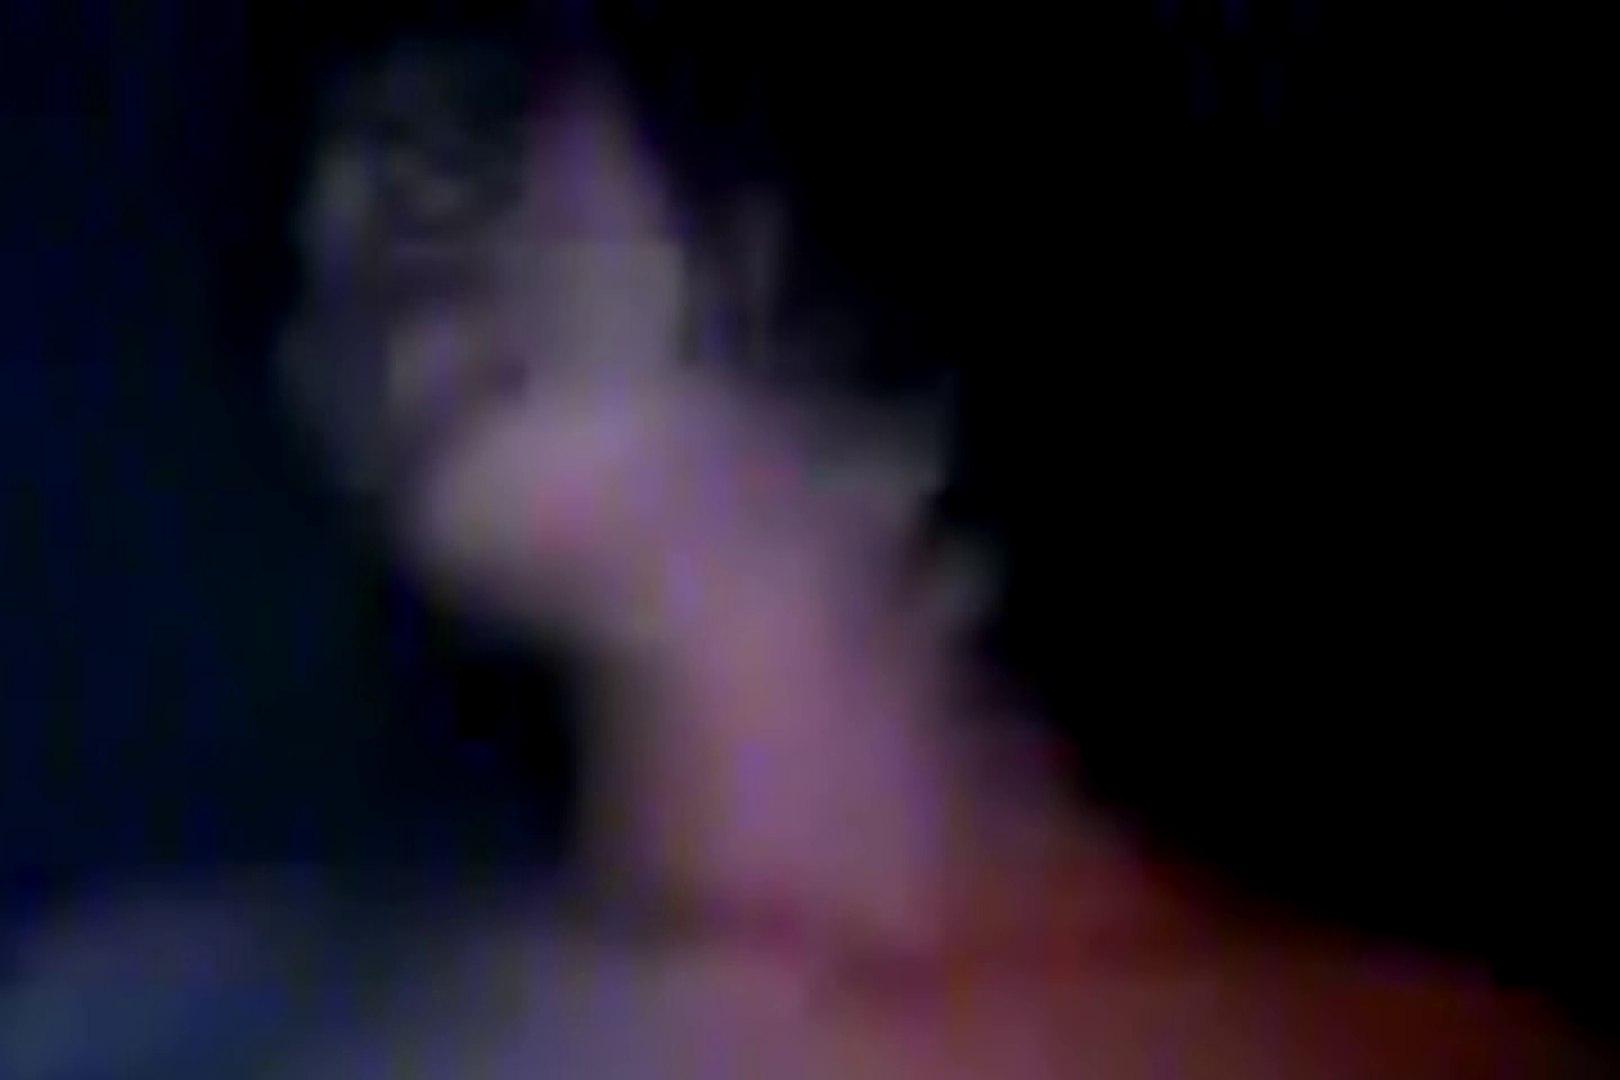 ウイルス流出 串田良祐と小学校教諭のハメ撮りアルバム 流出作品  74pic 36